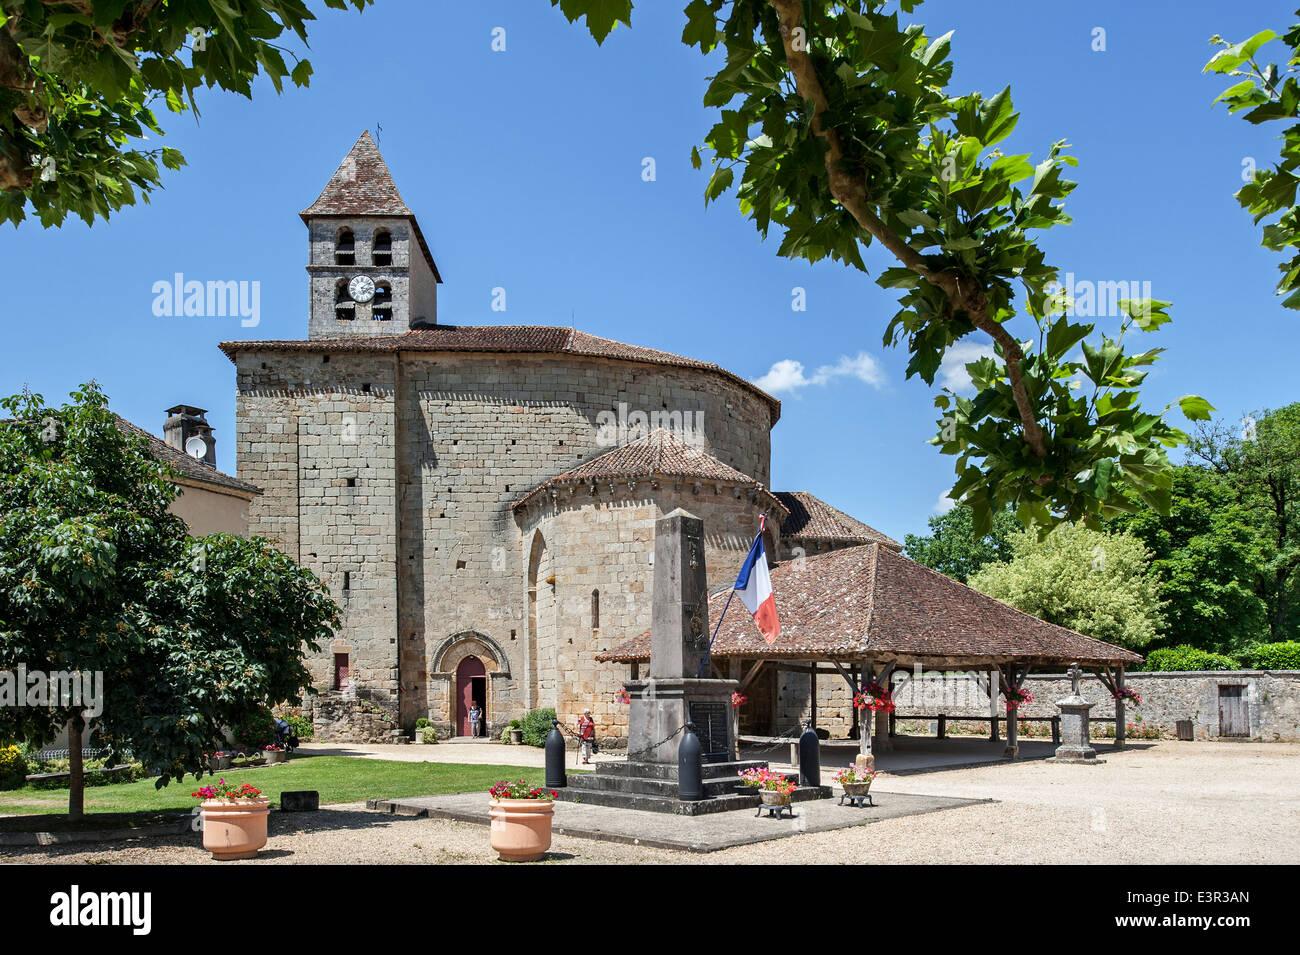 The Romanesque Byzantine church Église Saint-Jean-Baptiste at Saint-Jean-de-Côle, Dordogne, Aquitaine, - Stock Image